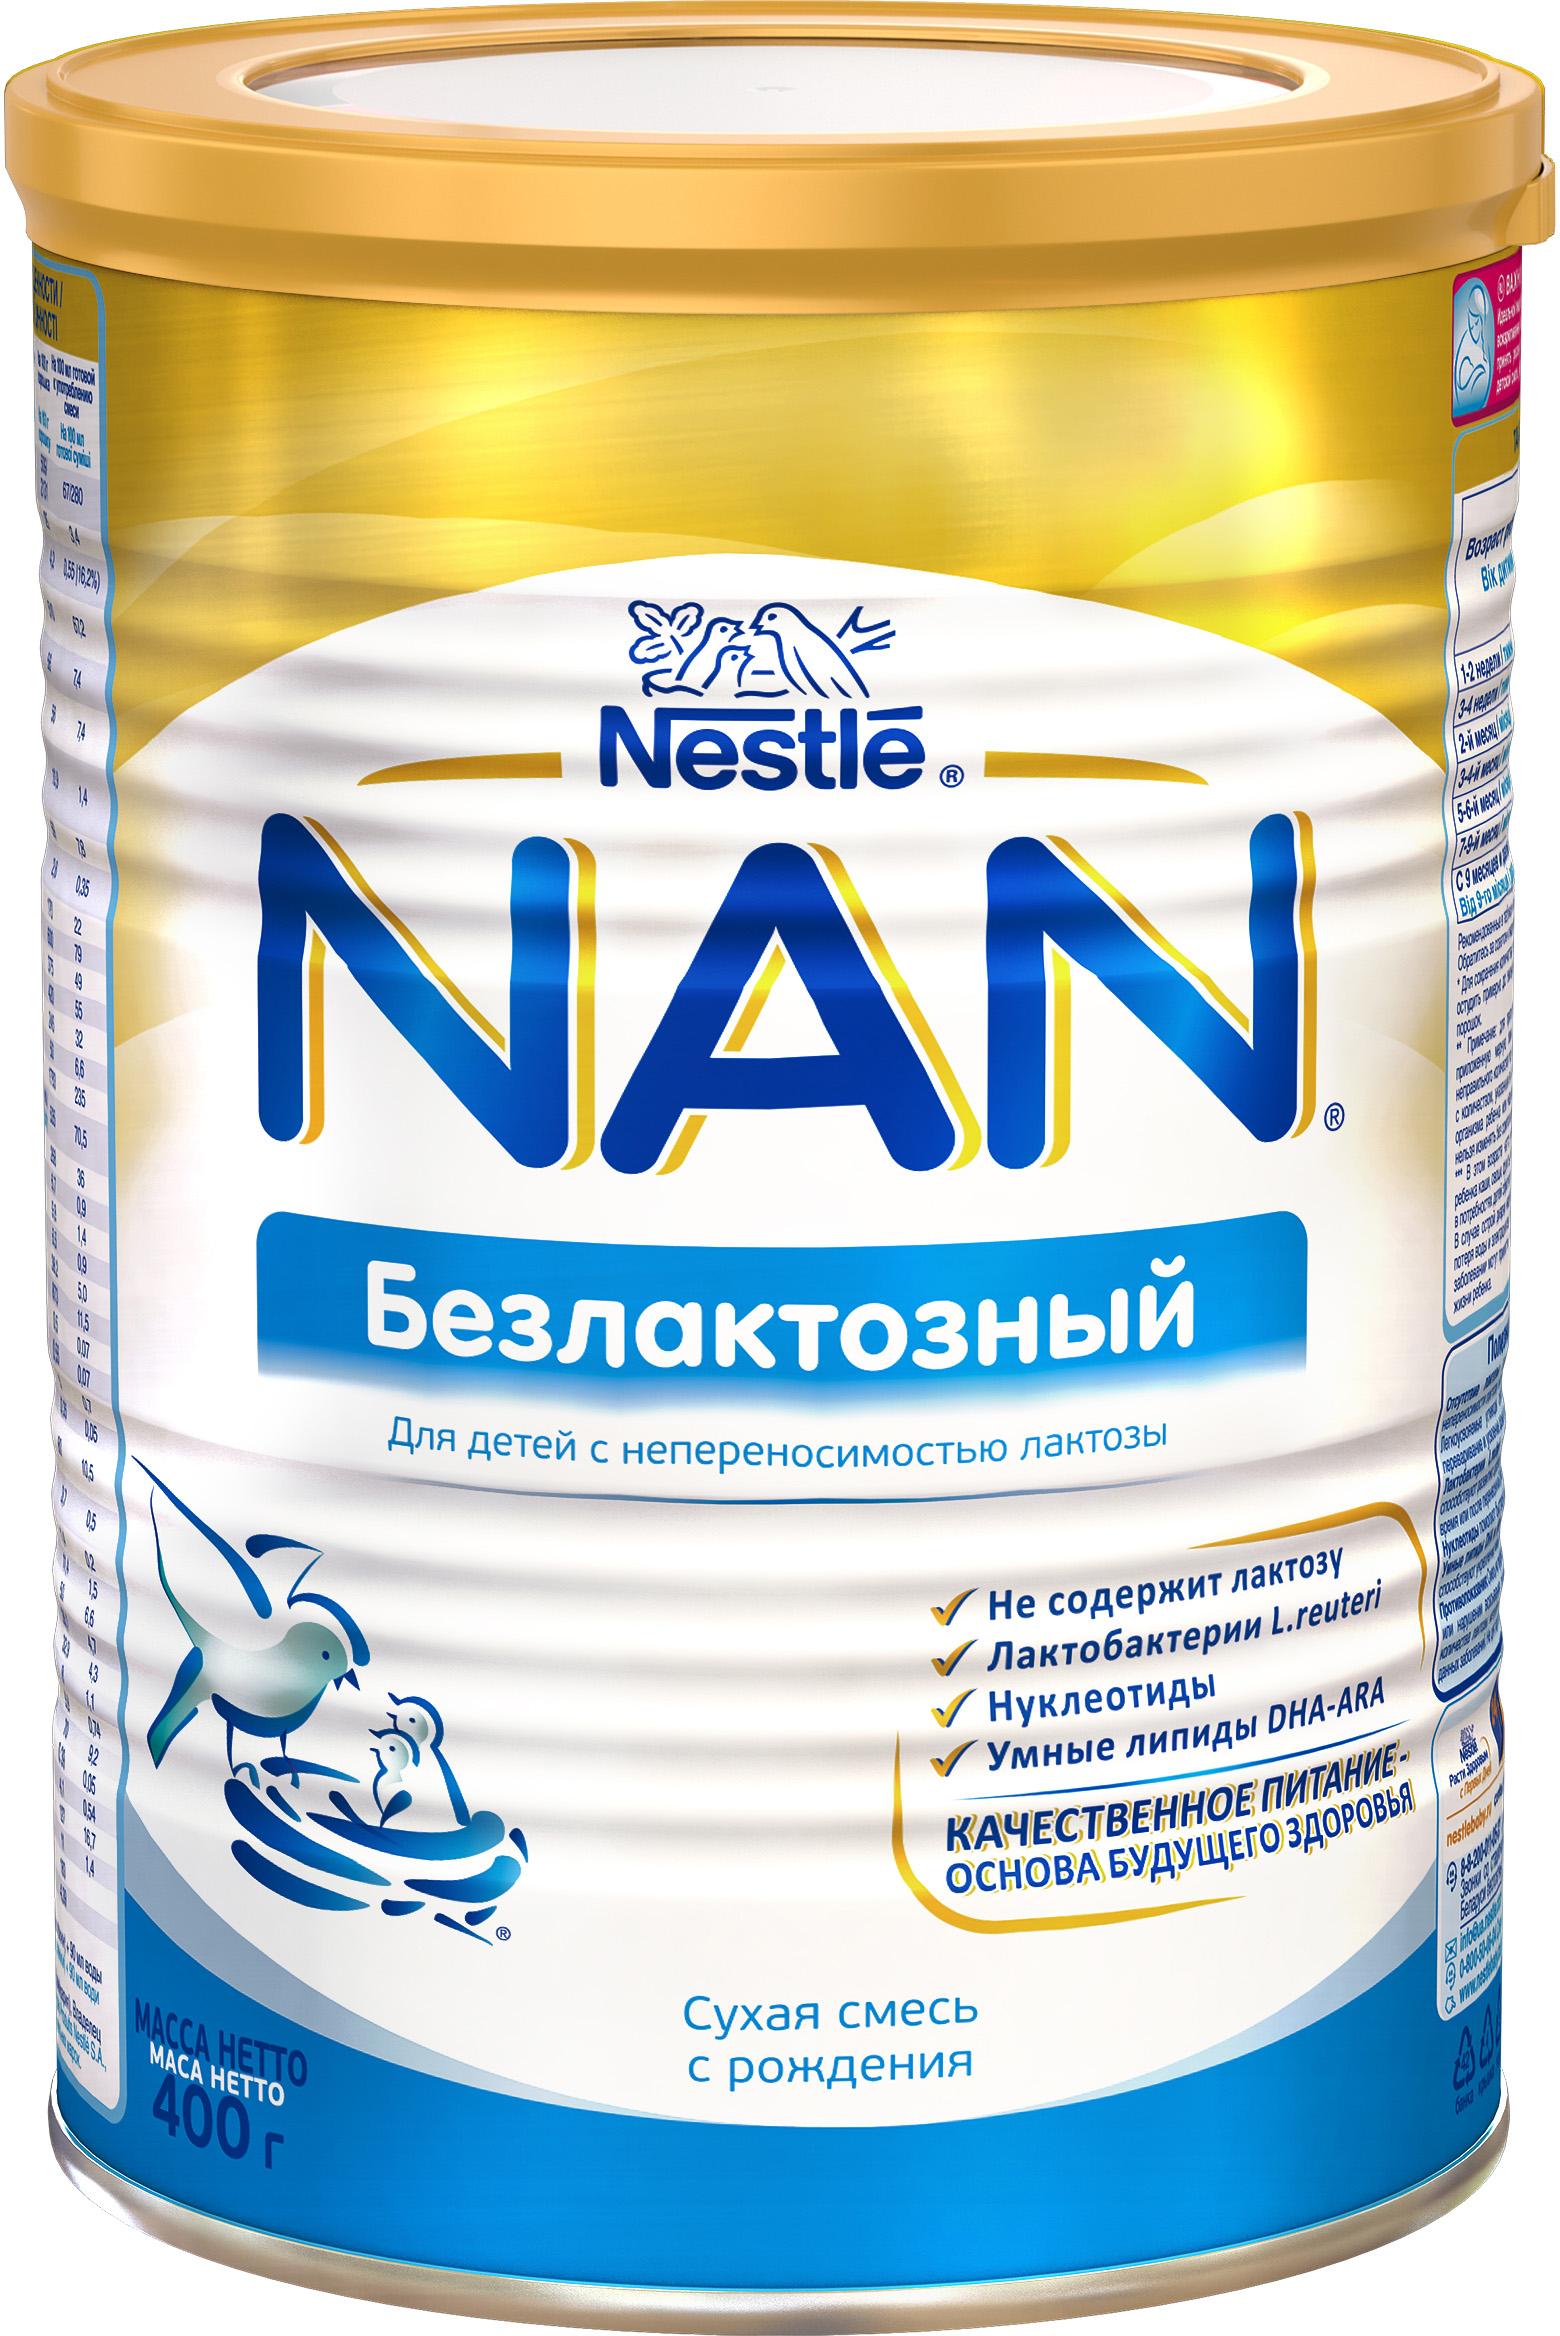 Сухие NAN NAN (Nestlé) Безлактозный (с рождения) 400 г nan безлактозный смесь с рождения 400 г